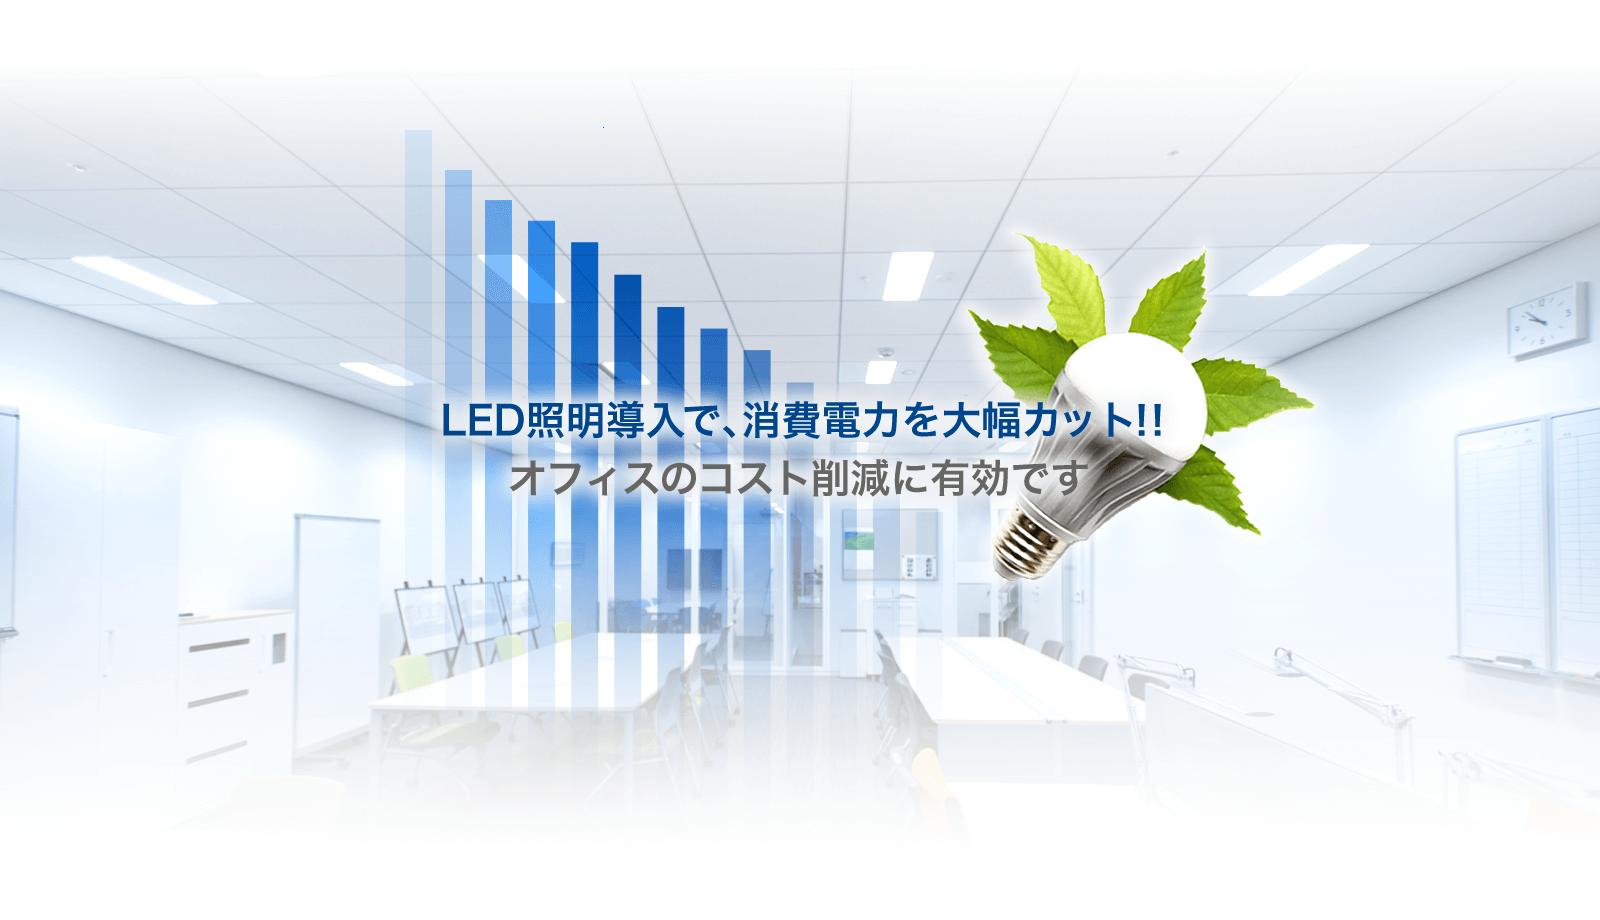 LED照明導入で、消費電力を大幅カット